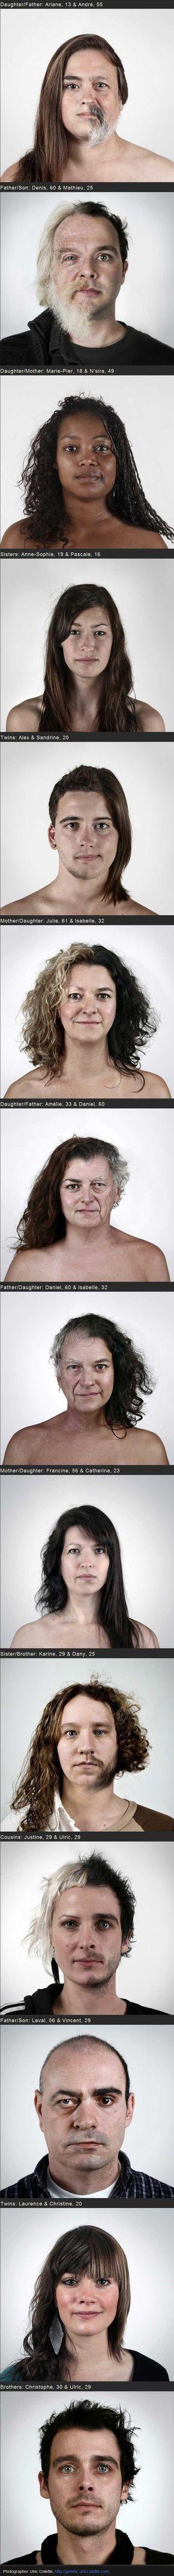 Genetics. These are terrific!